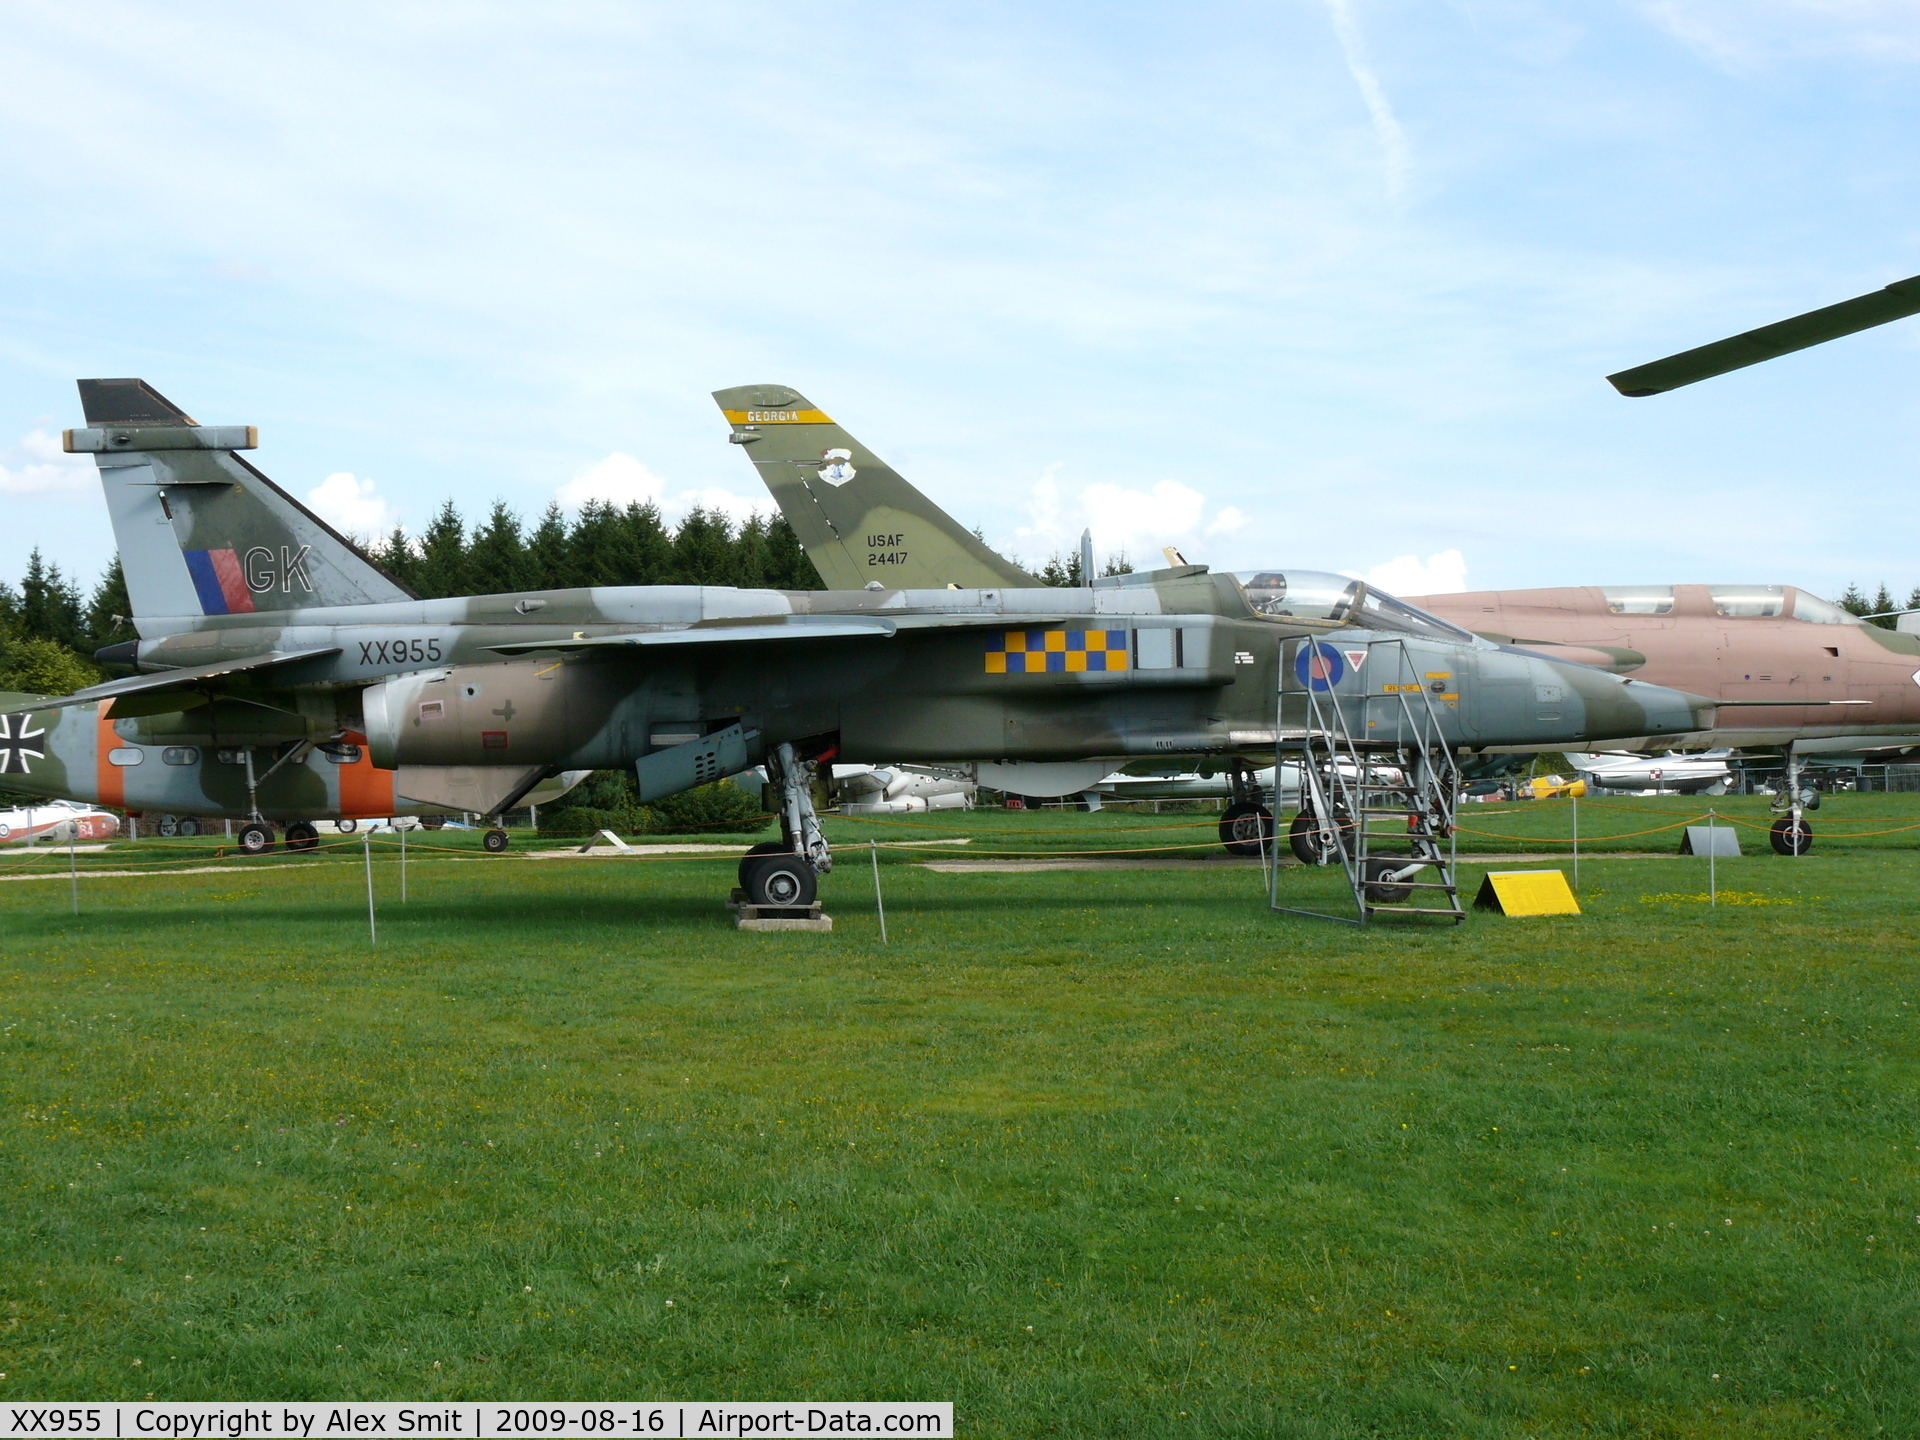 XX955, 1975 Sepecat Jaguar GR.1A C/N S.77, Sepecat Jaguar Gr1A  XX955_GK Royal Air Force in the Hermerskeil Museum Flugausstellung Junior